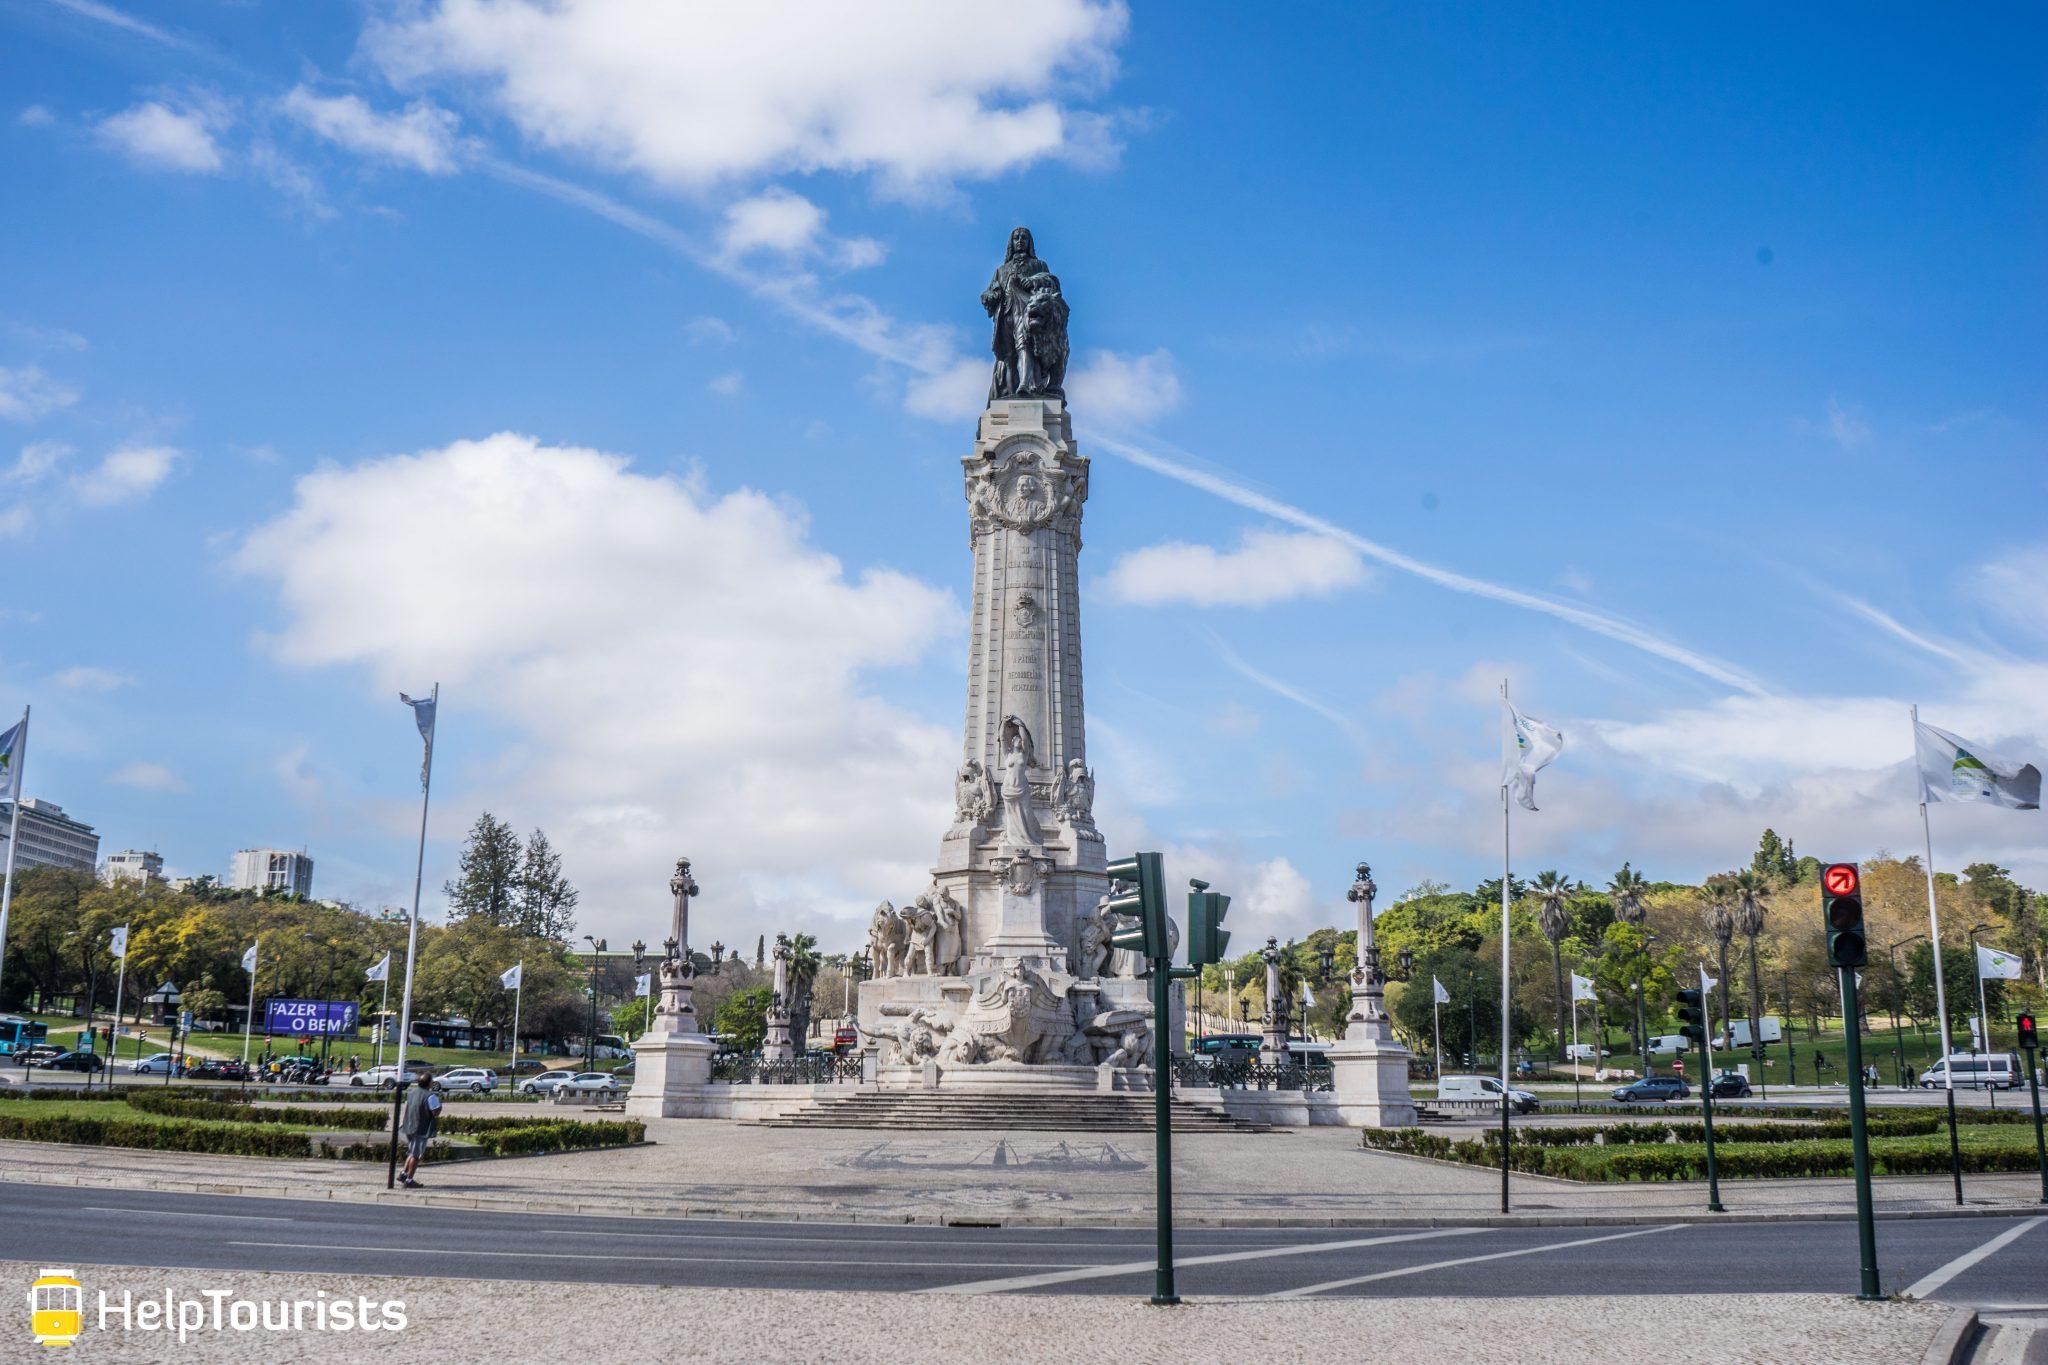 Lissabon_Marques-de-Pombal_Statue_totale